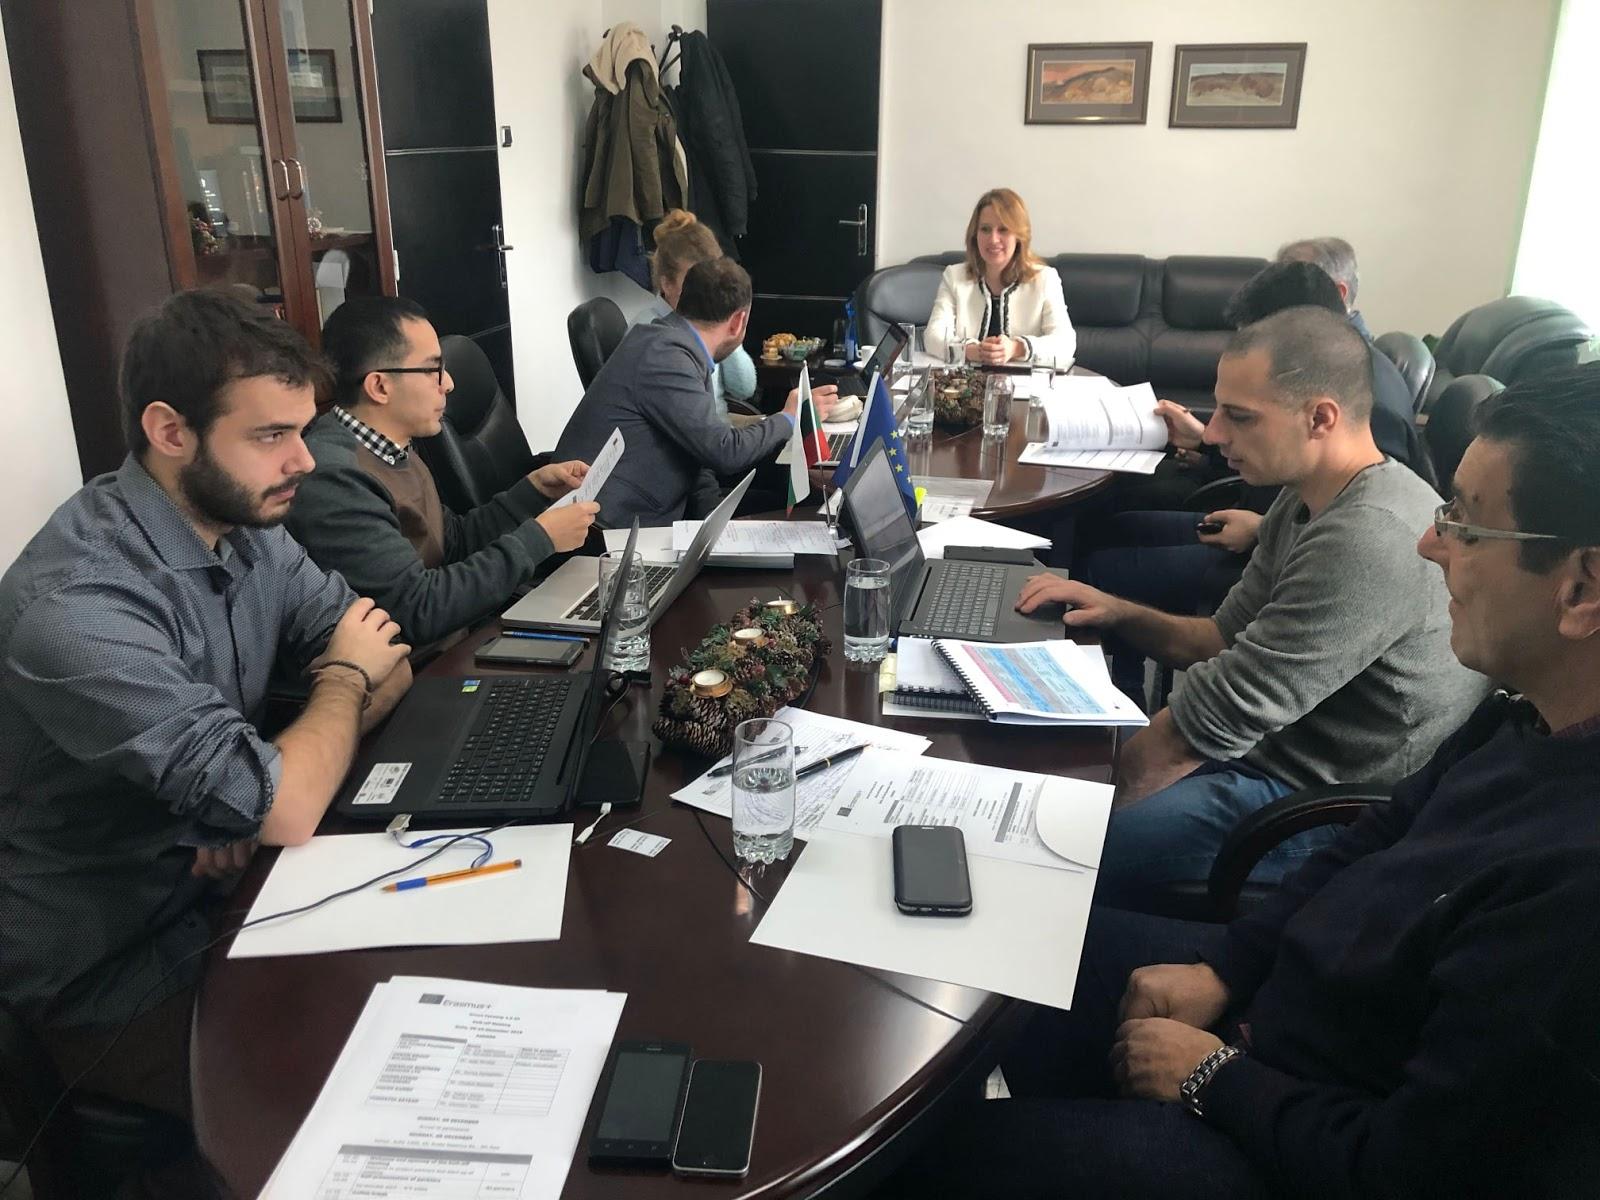 """Εναρκτήρια συνάντηση του Επιμελητηρίου Χαλκιδικής με τους εταίρους του , στο νέο ευρωπαϊκό πρόγραμμα που συμμετέχει με τίτλο """" Smart Farming 4.0 All """""""